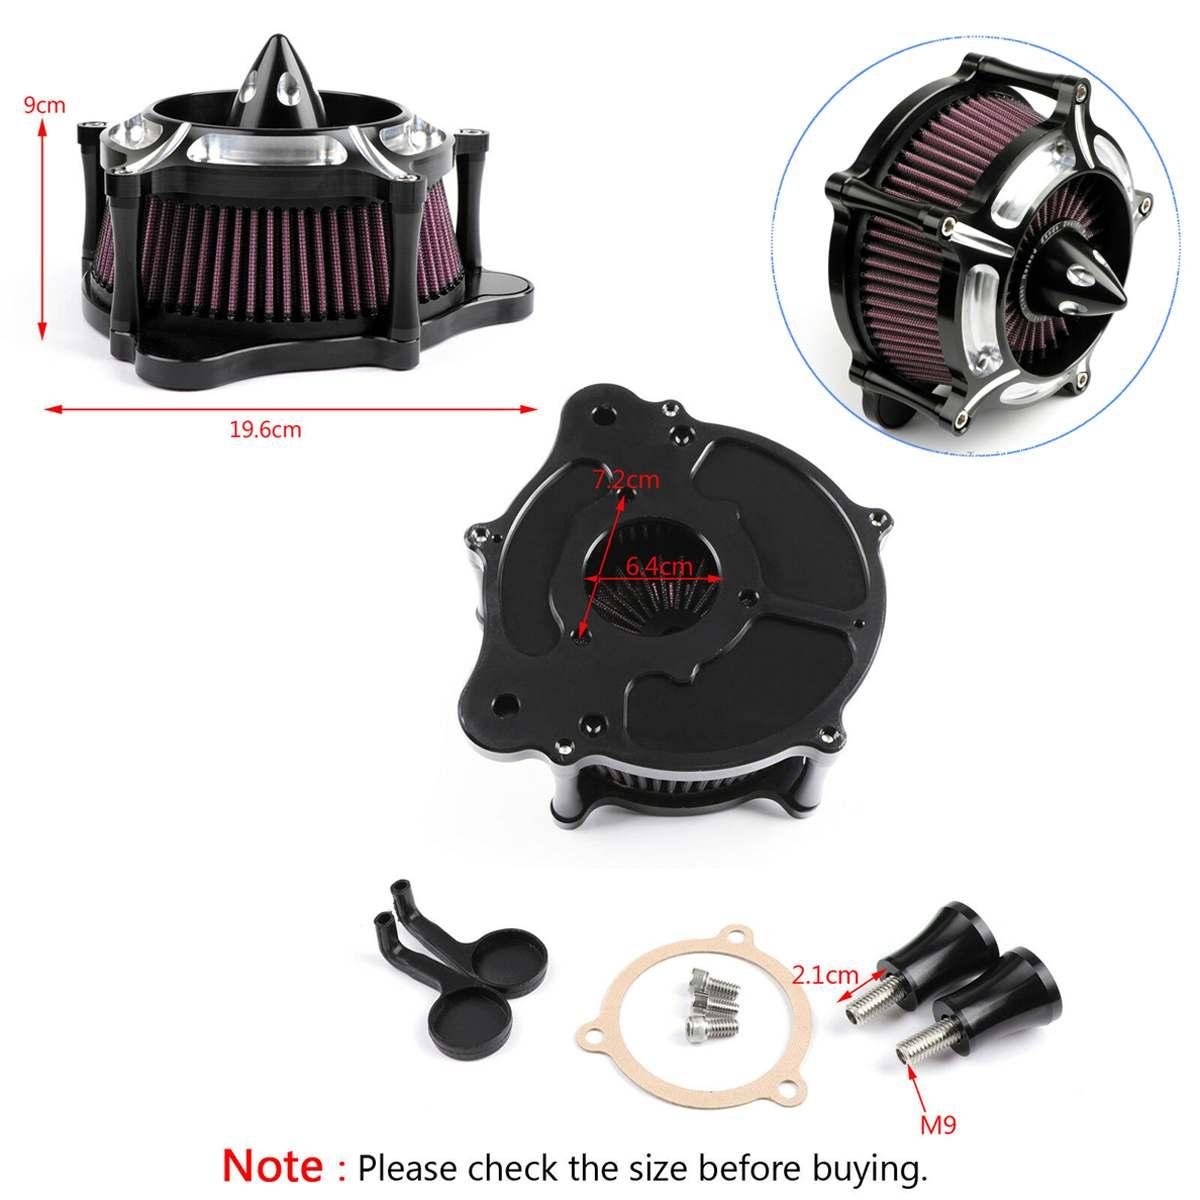 1.3L 60 Вт Цифровой Ультра звуковой очиститель для ванны, дегазированный Ультразвуковой очиститель, ультразвуковой очиститель, металлические... - 6